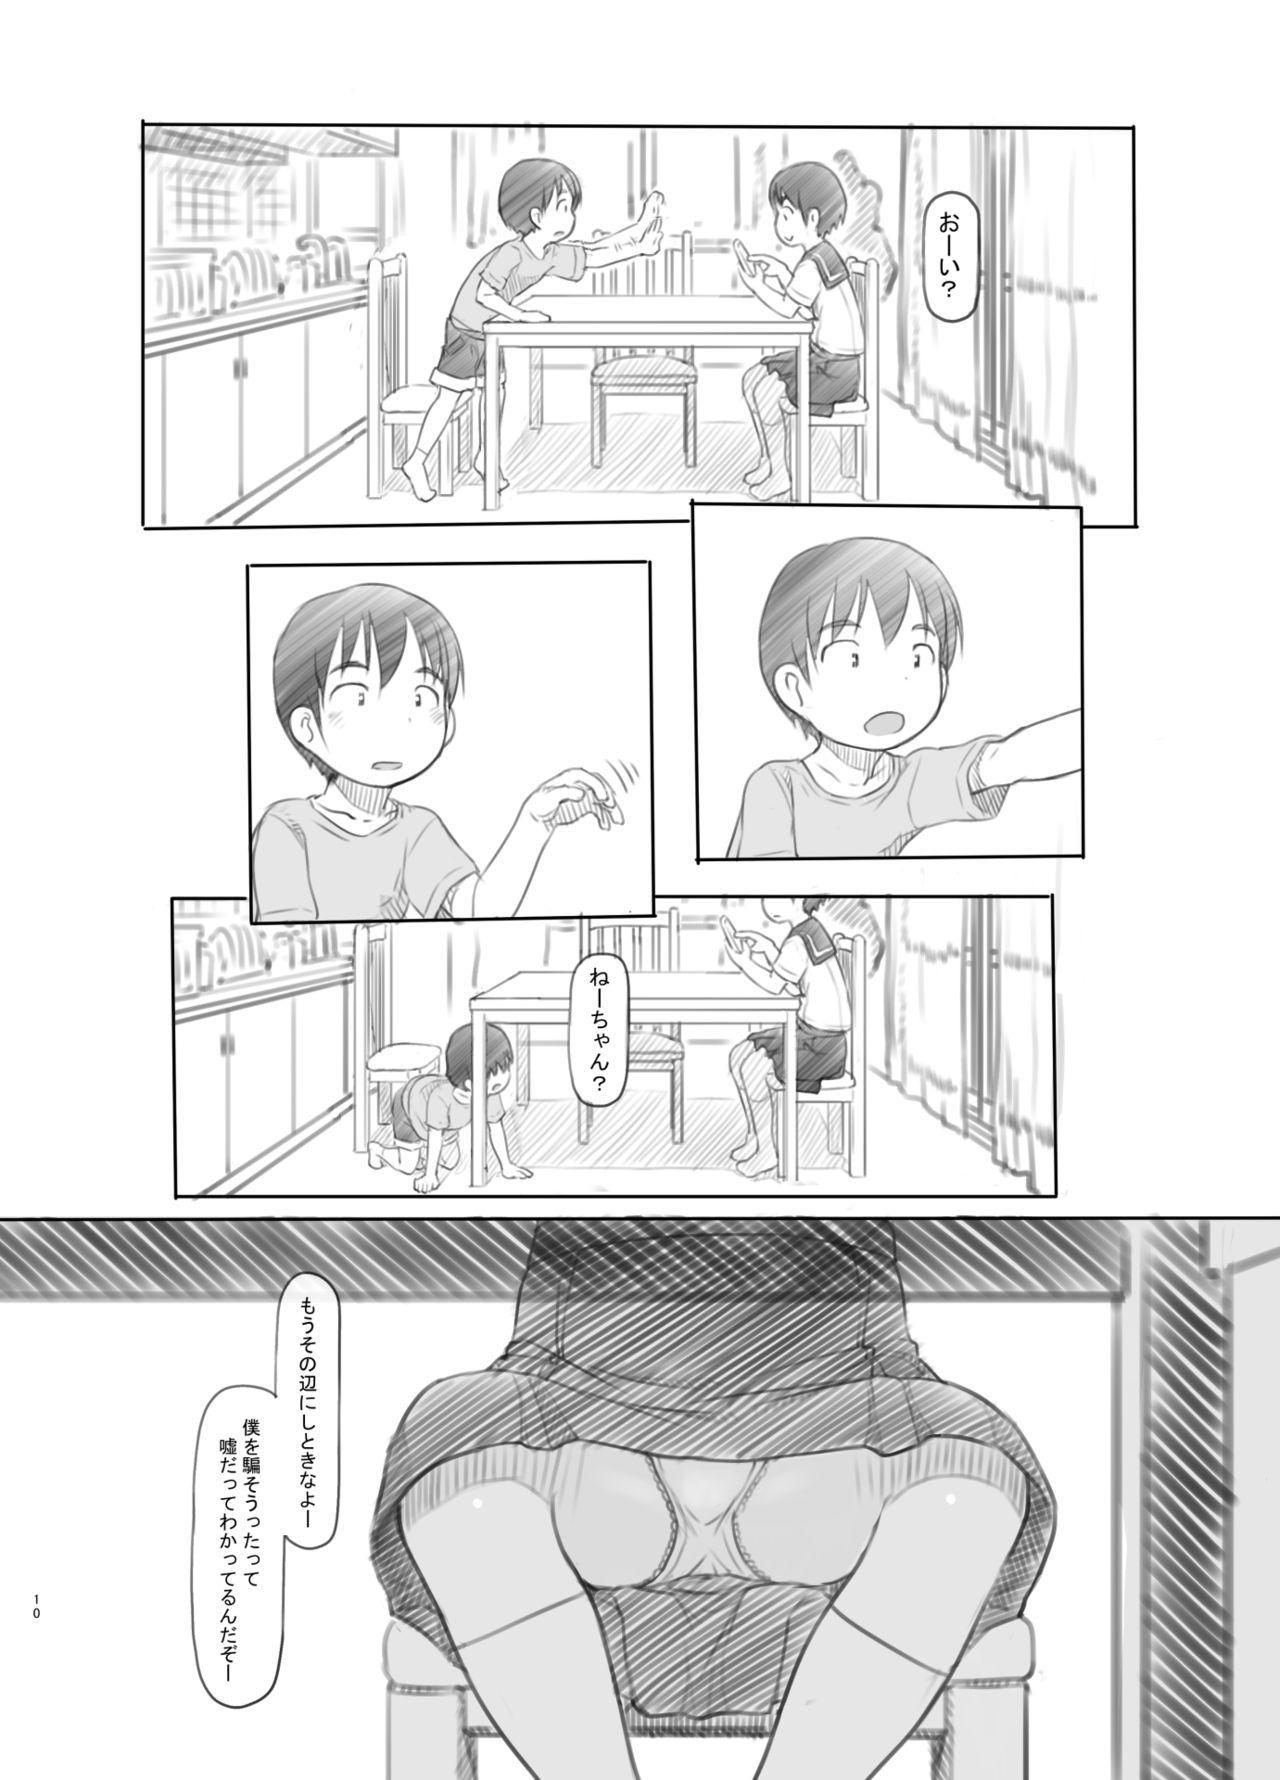 Sei ni Kyoumi ga Detekita Otouto ni Jikan Teishi Appli o Ataete Mita 8